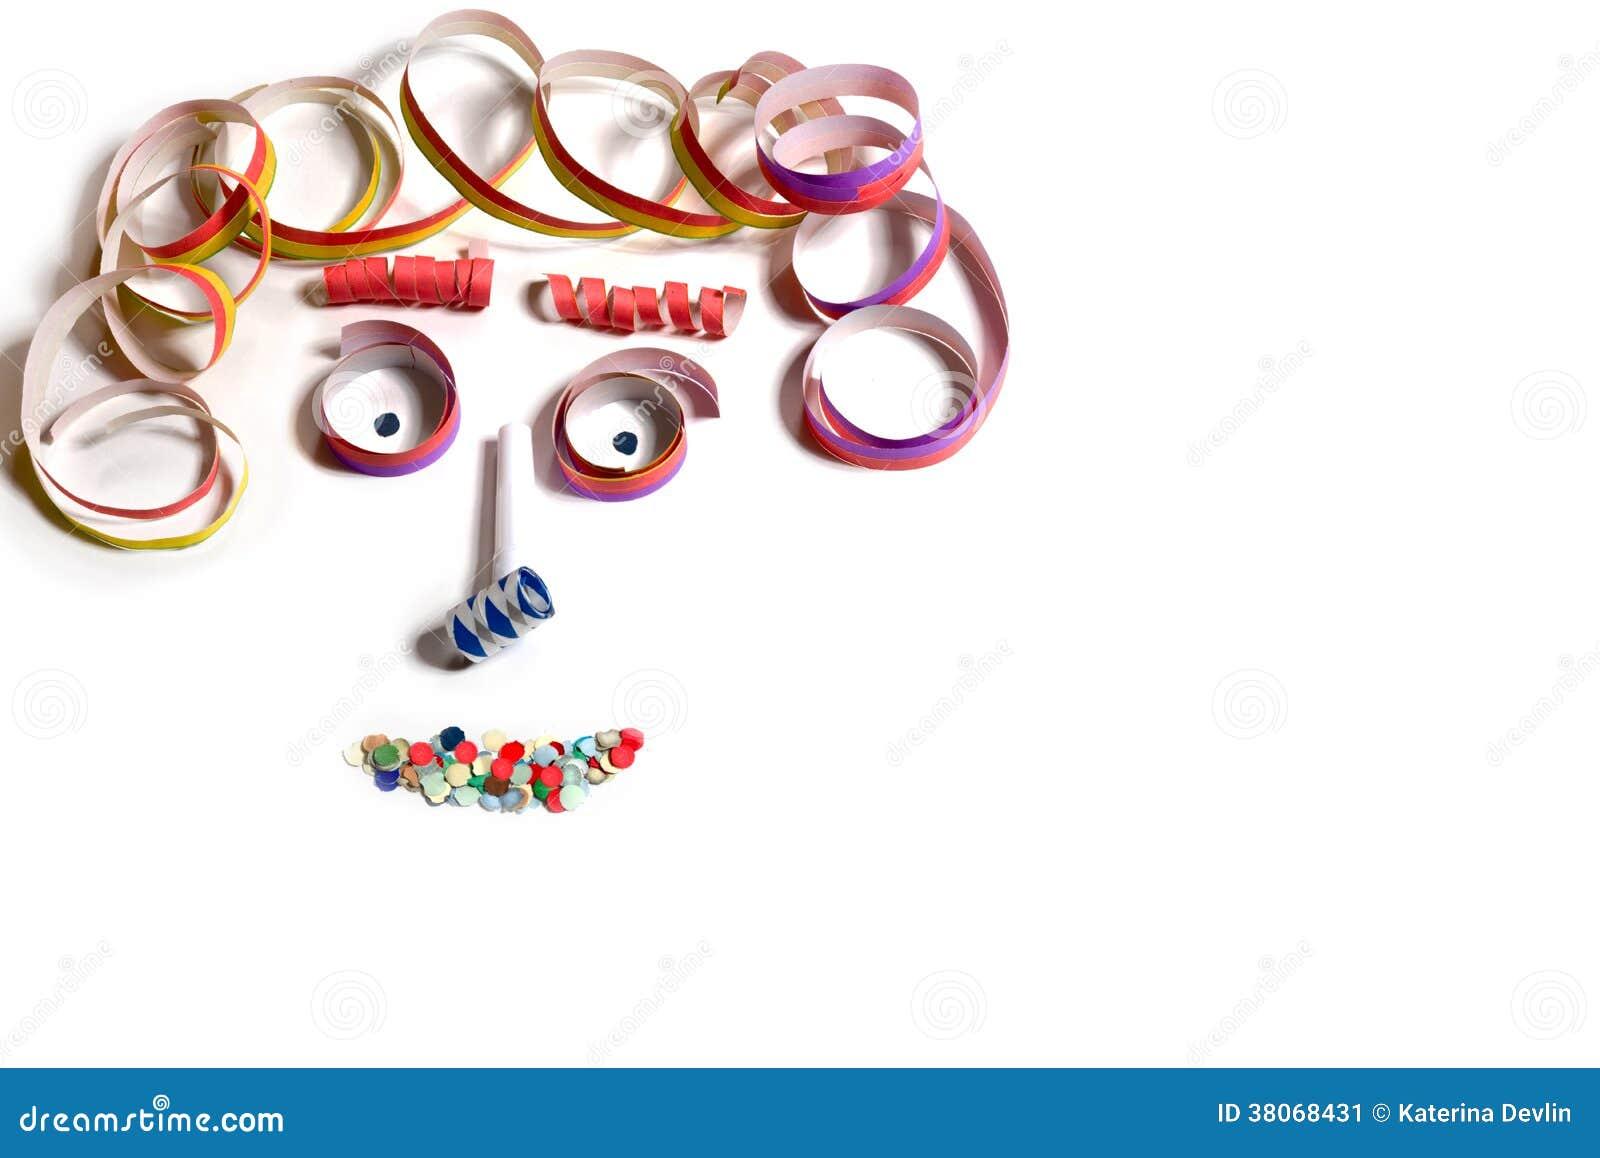 Gezicht van carnaval decoratie stock afbeelding afbeelding 38068431 - Afbeelding van decoratie ...